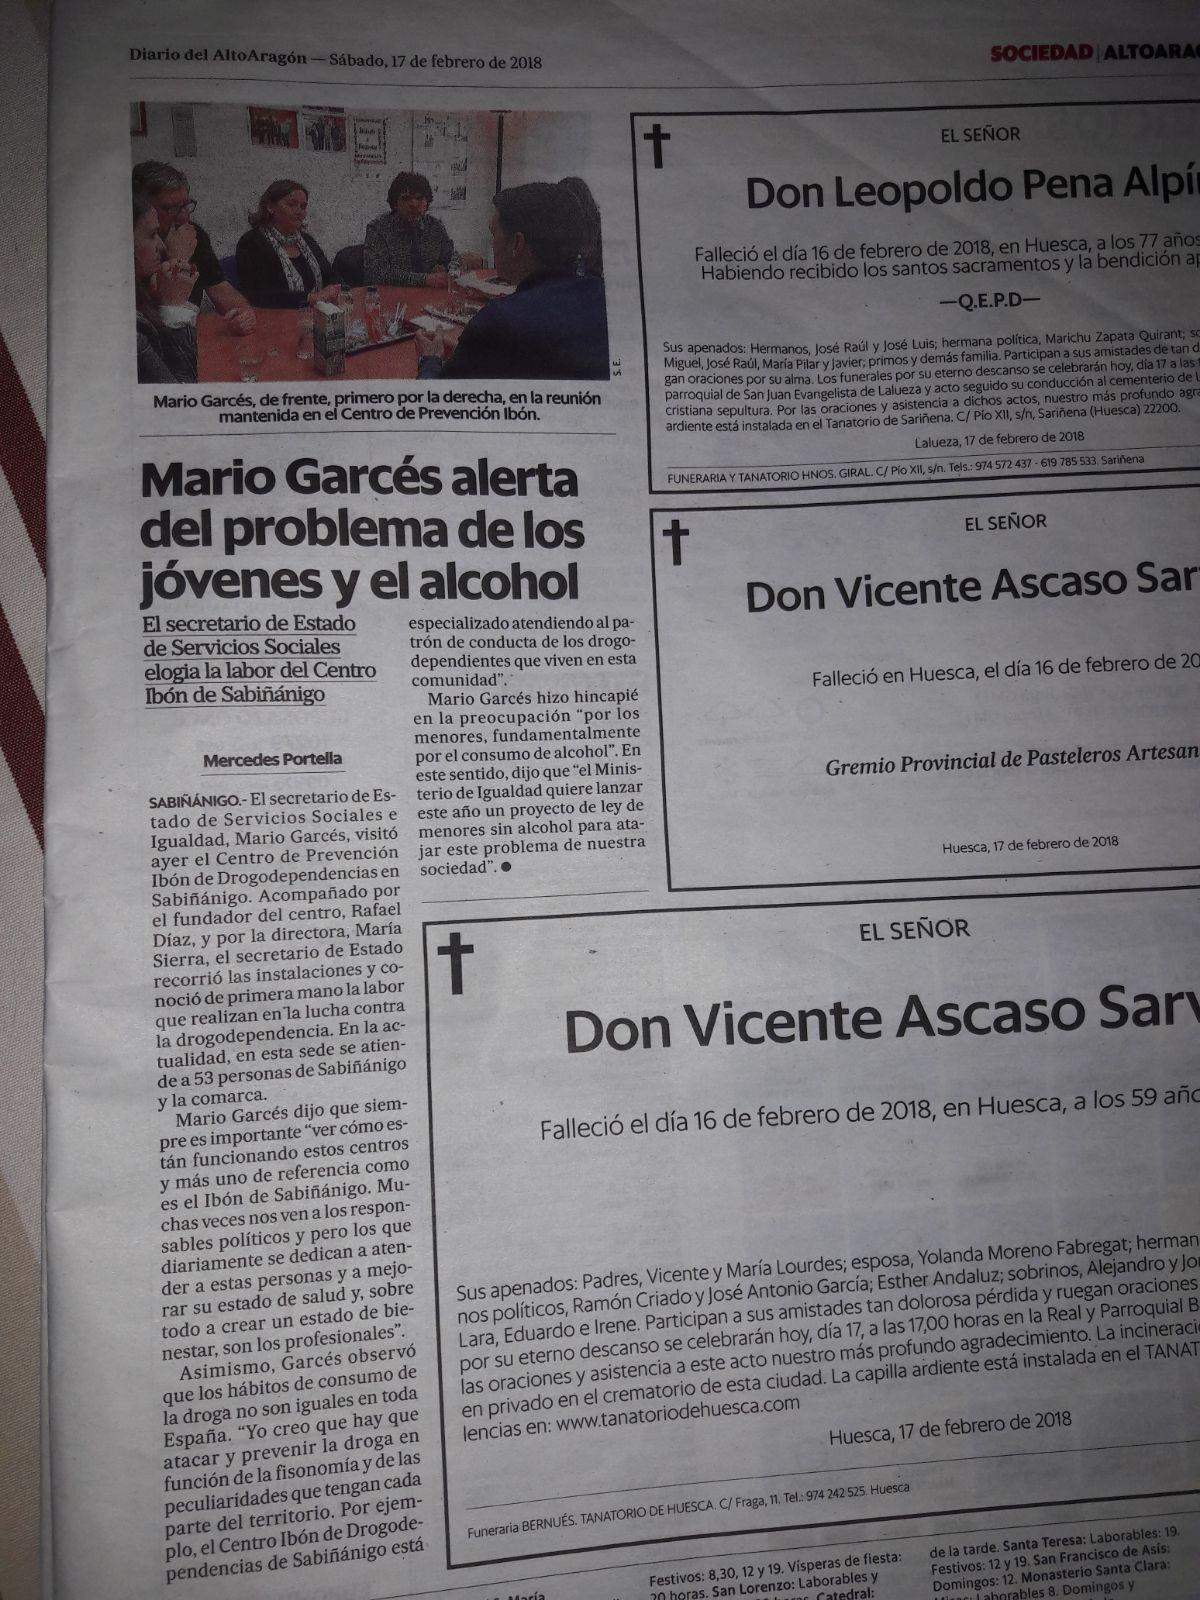 Nota de prensa con el Secretario de Estado de Servicios Sociales e Igualdad D. Mario Garcés.